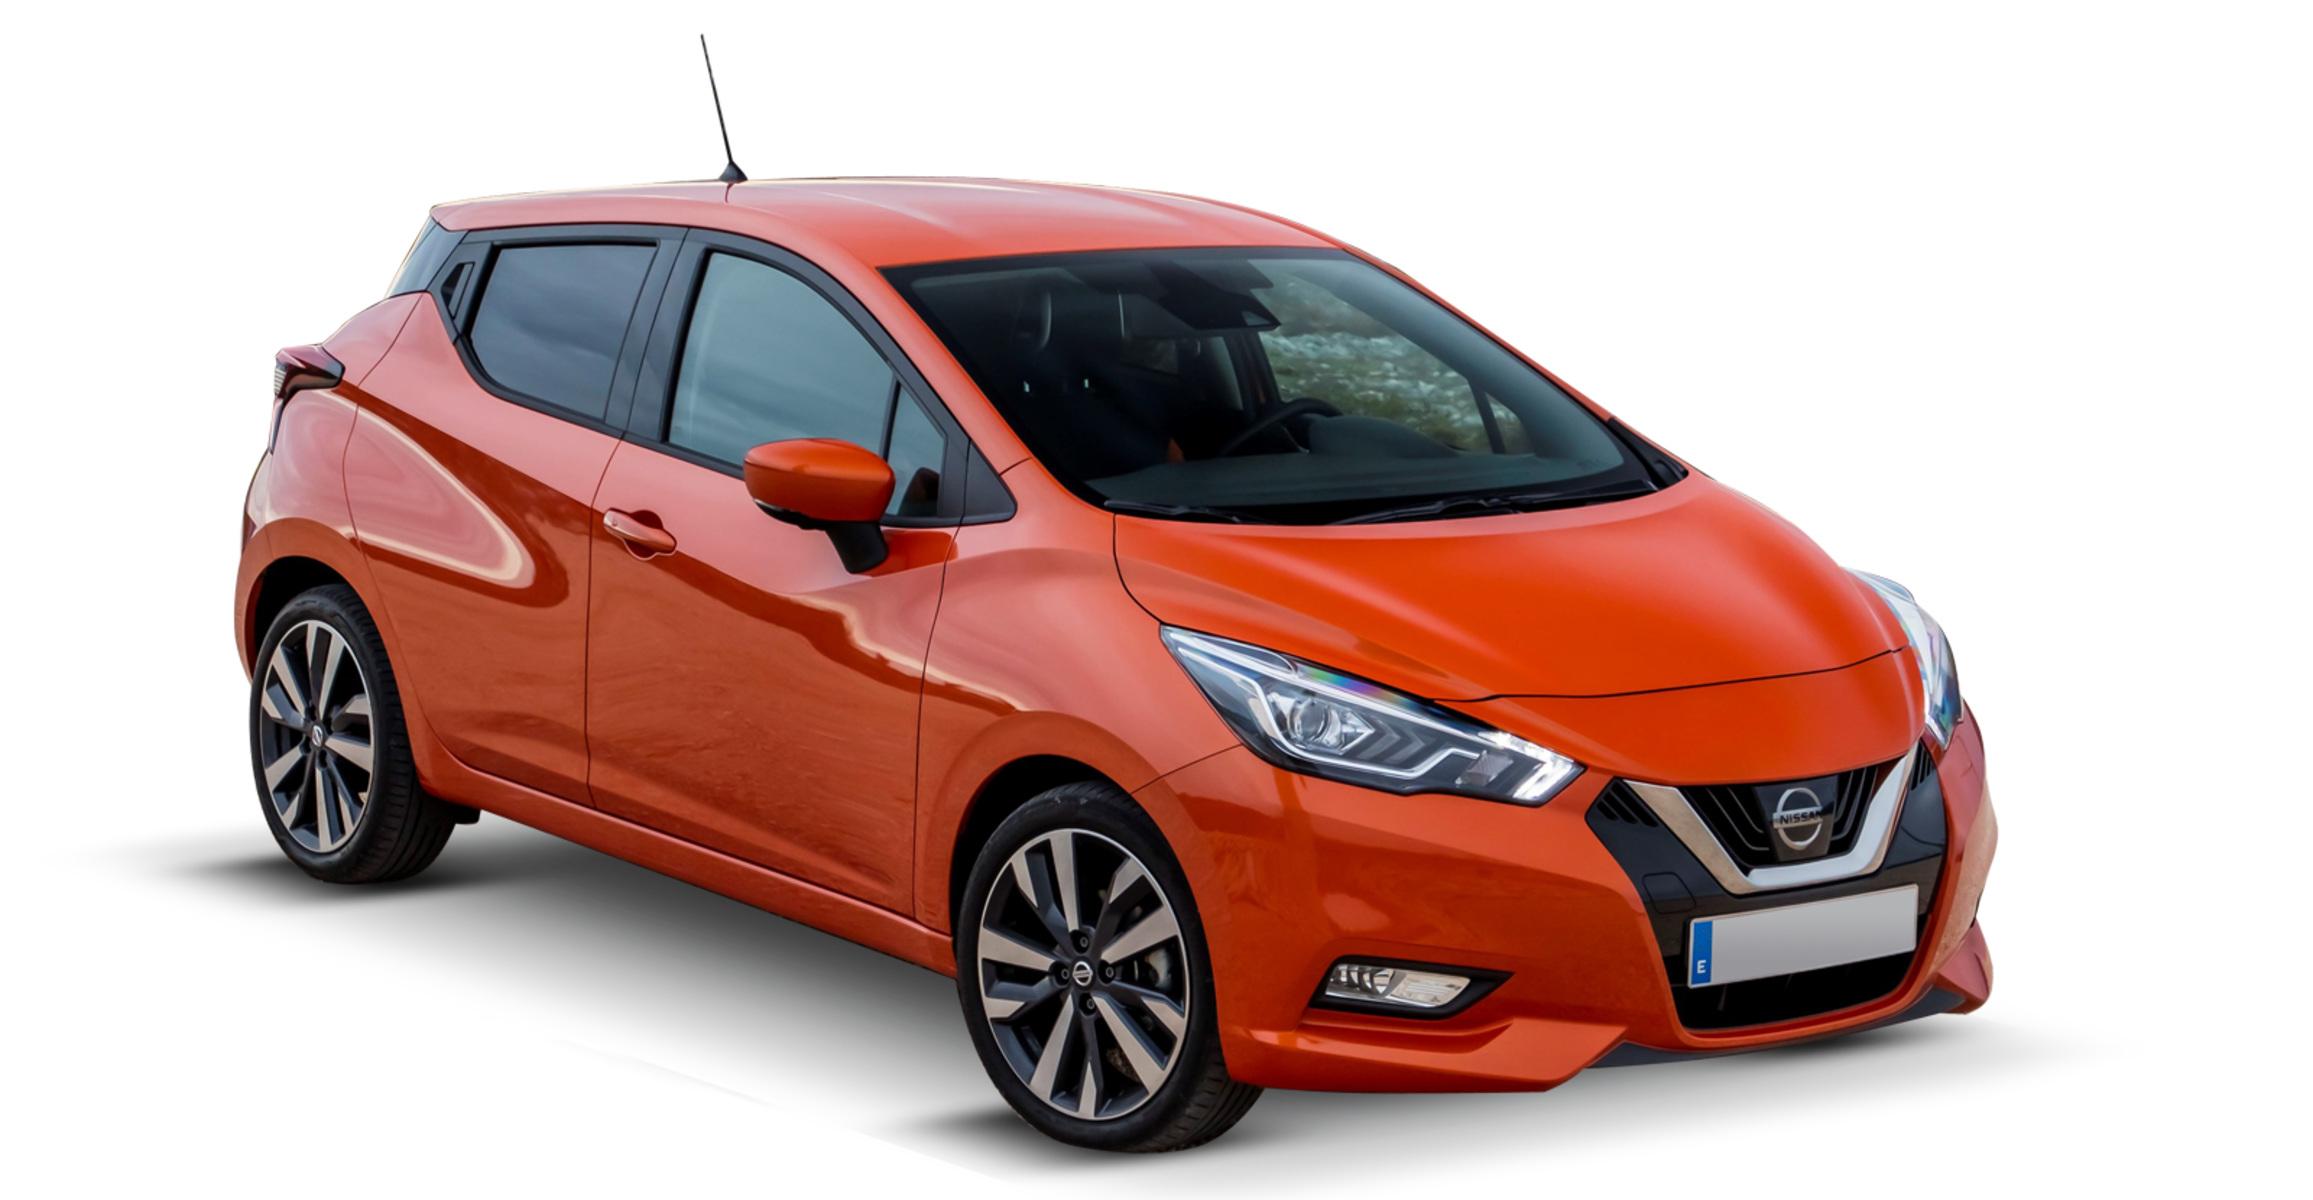 Listino Nissan Micra Prezzo Scheda Tecnica Consumi